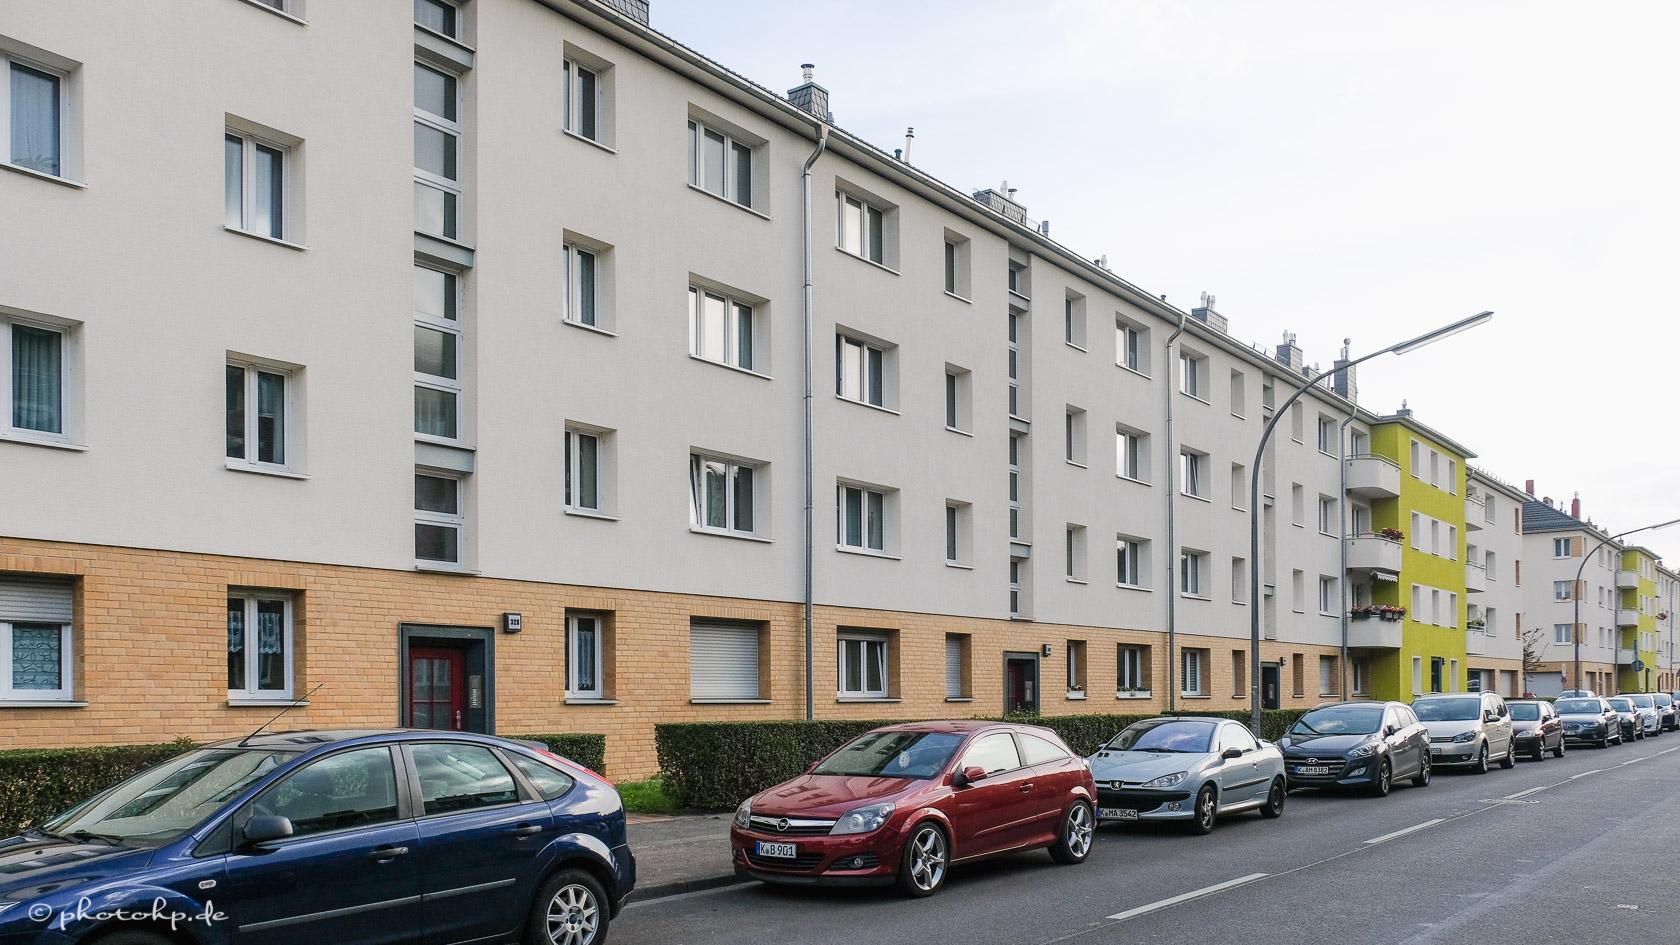 Kalk Mülheimer Str Köln